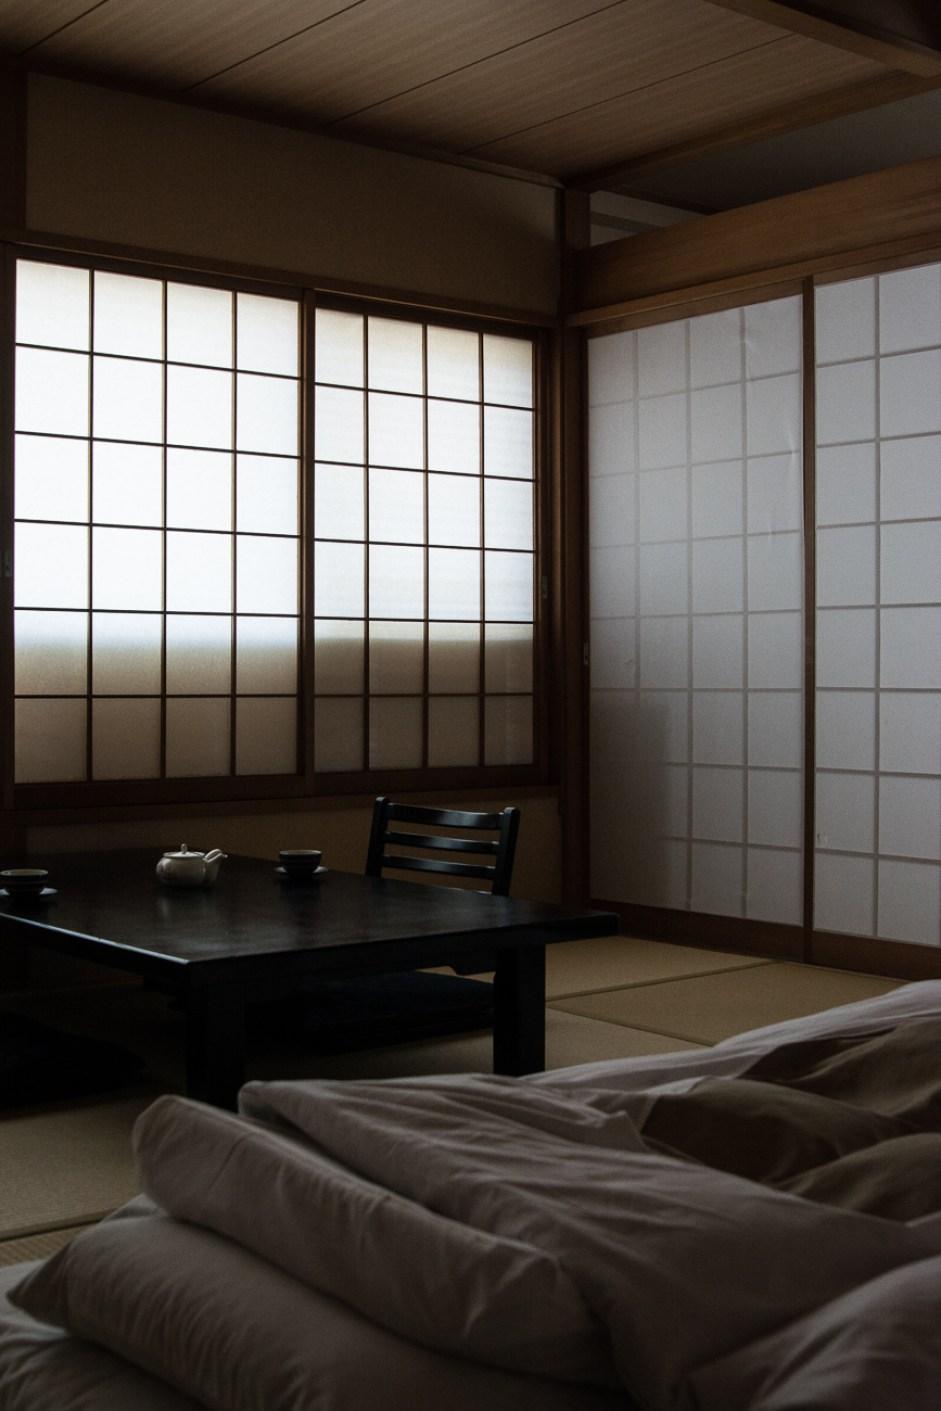 tourisme-japon-cityguide-excursion-autour-tokyo-hakone-low